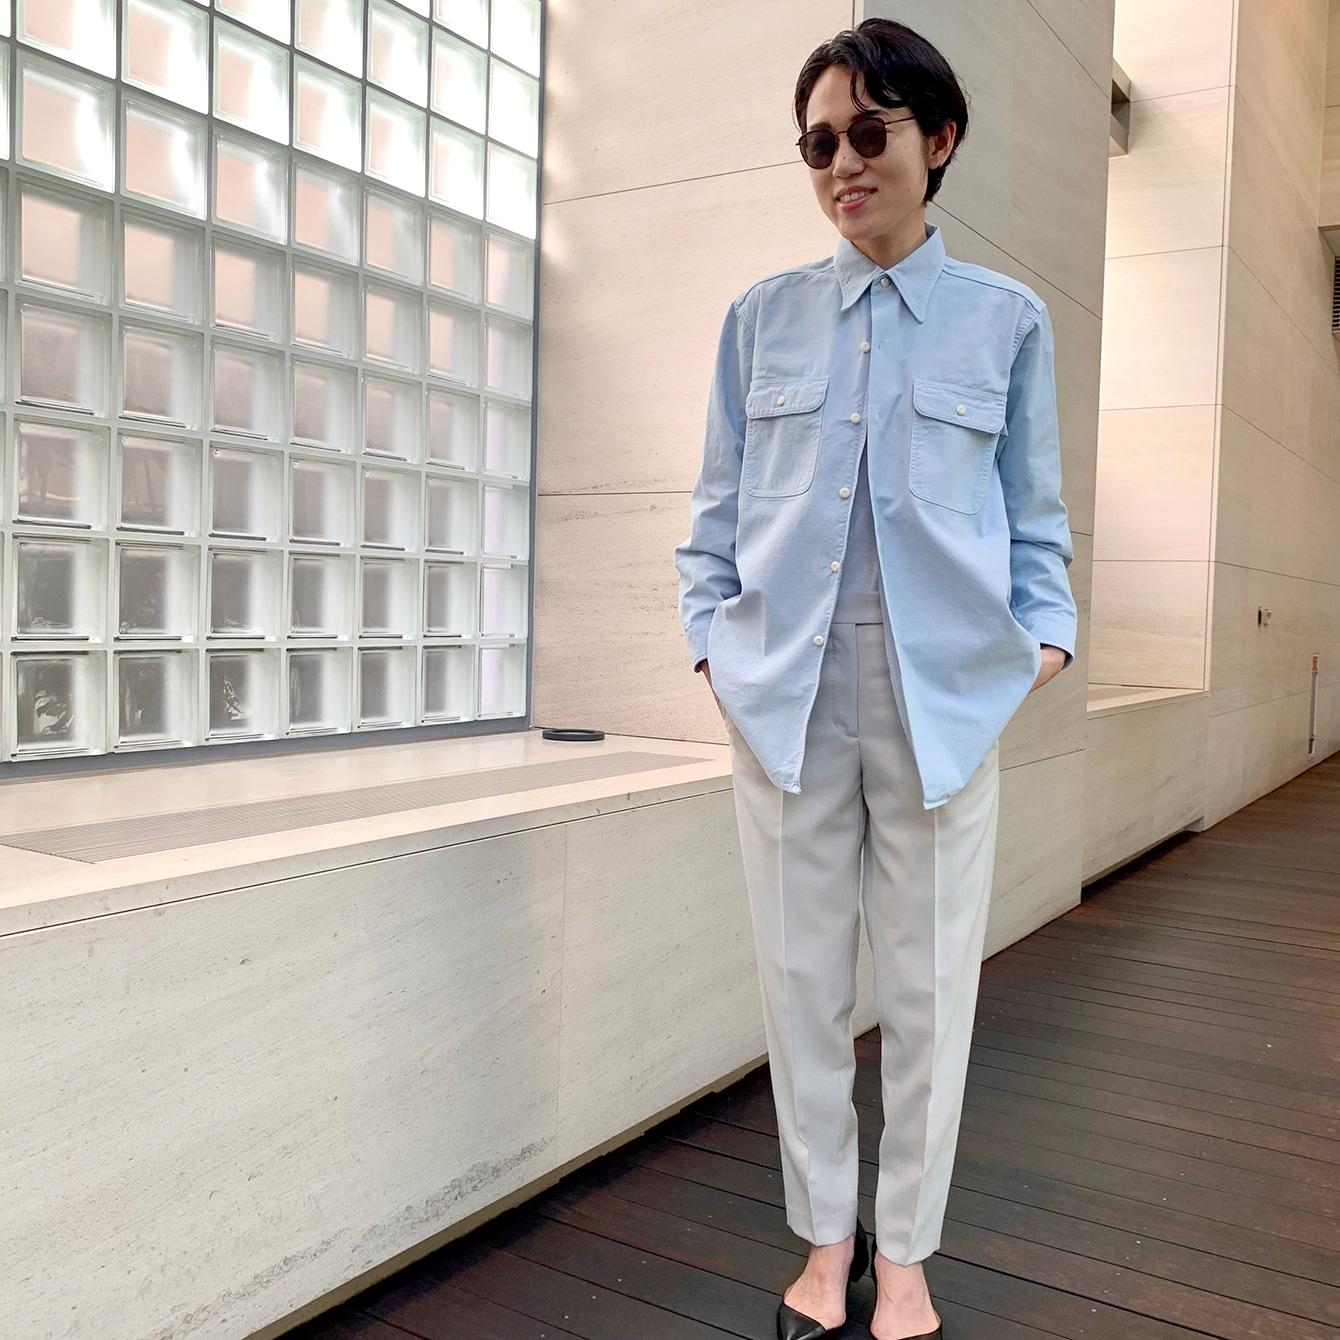 アウター感覚で着る「マディソンブルー」のシャツ。サイズ選びと着こなしのコツは?【エディター昼田祥子さん】